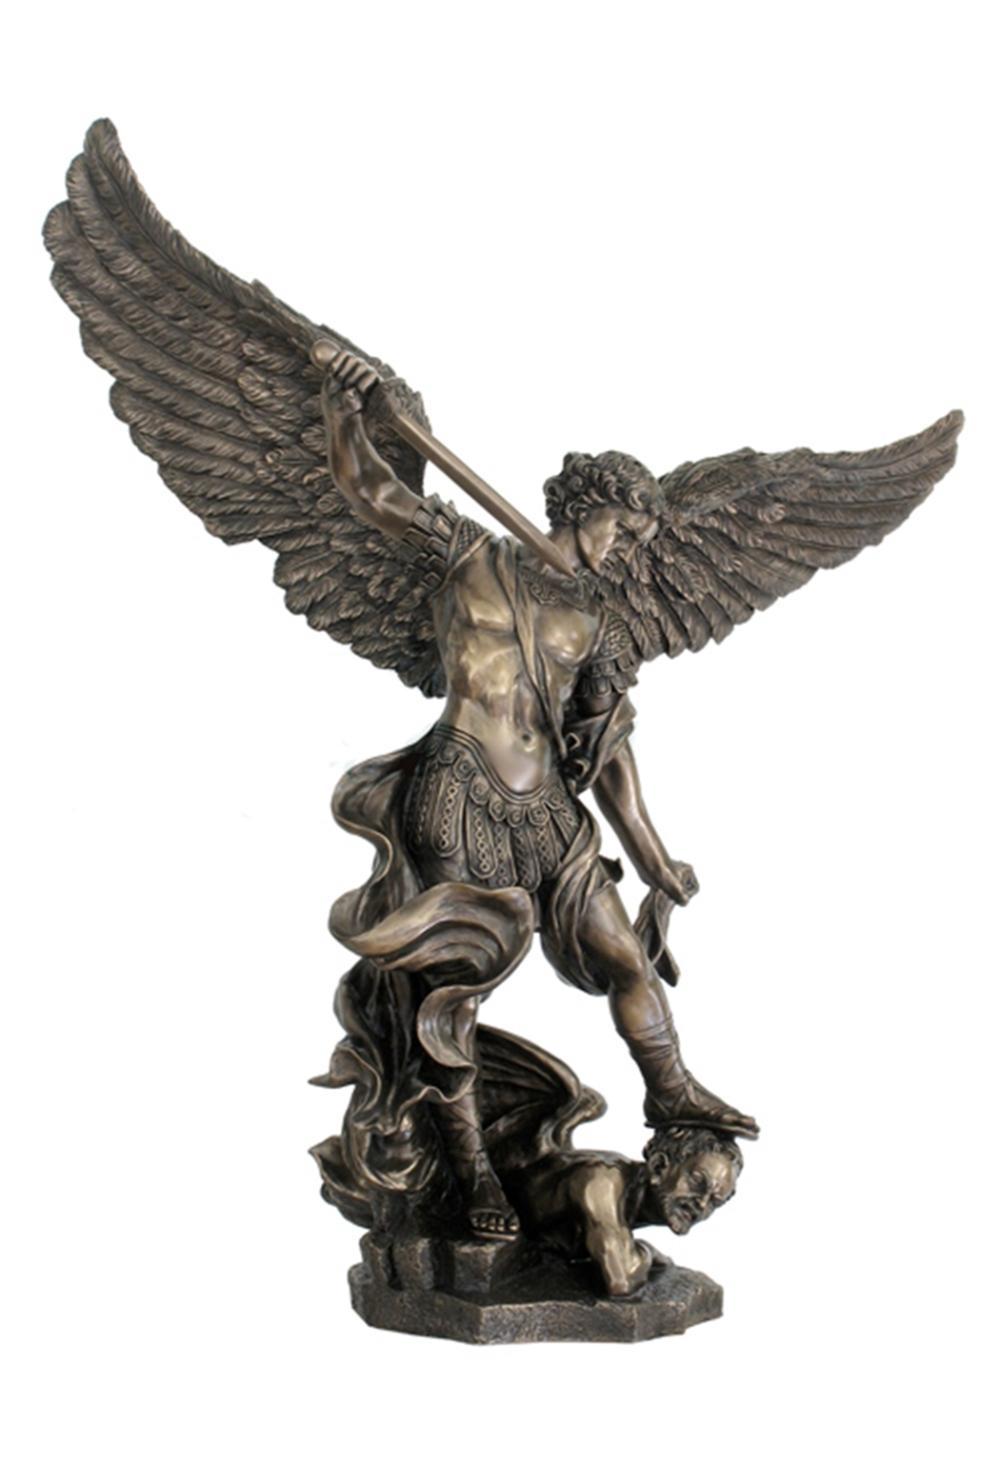 Saint Michael Standing Over Demon With Sword